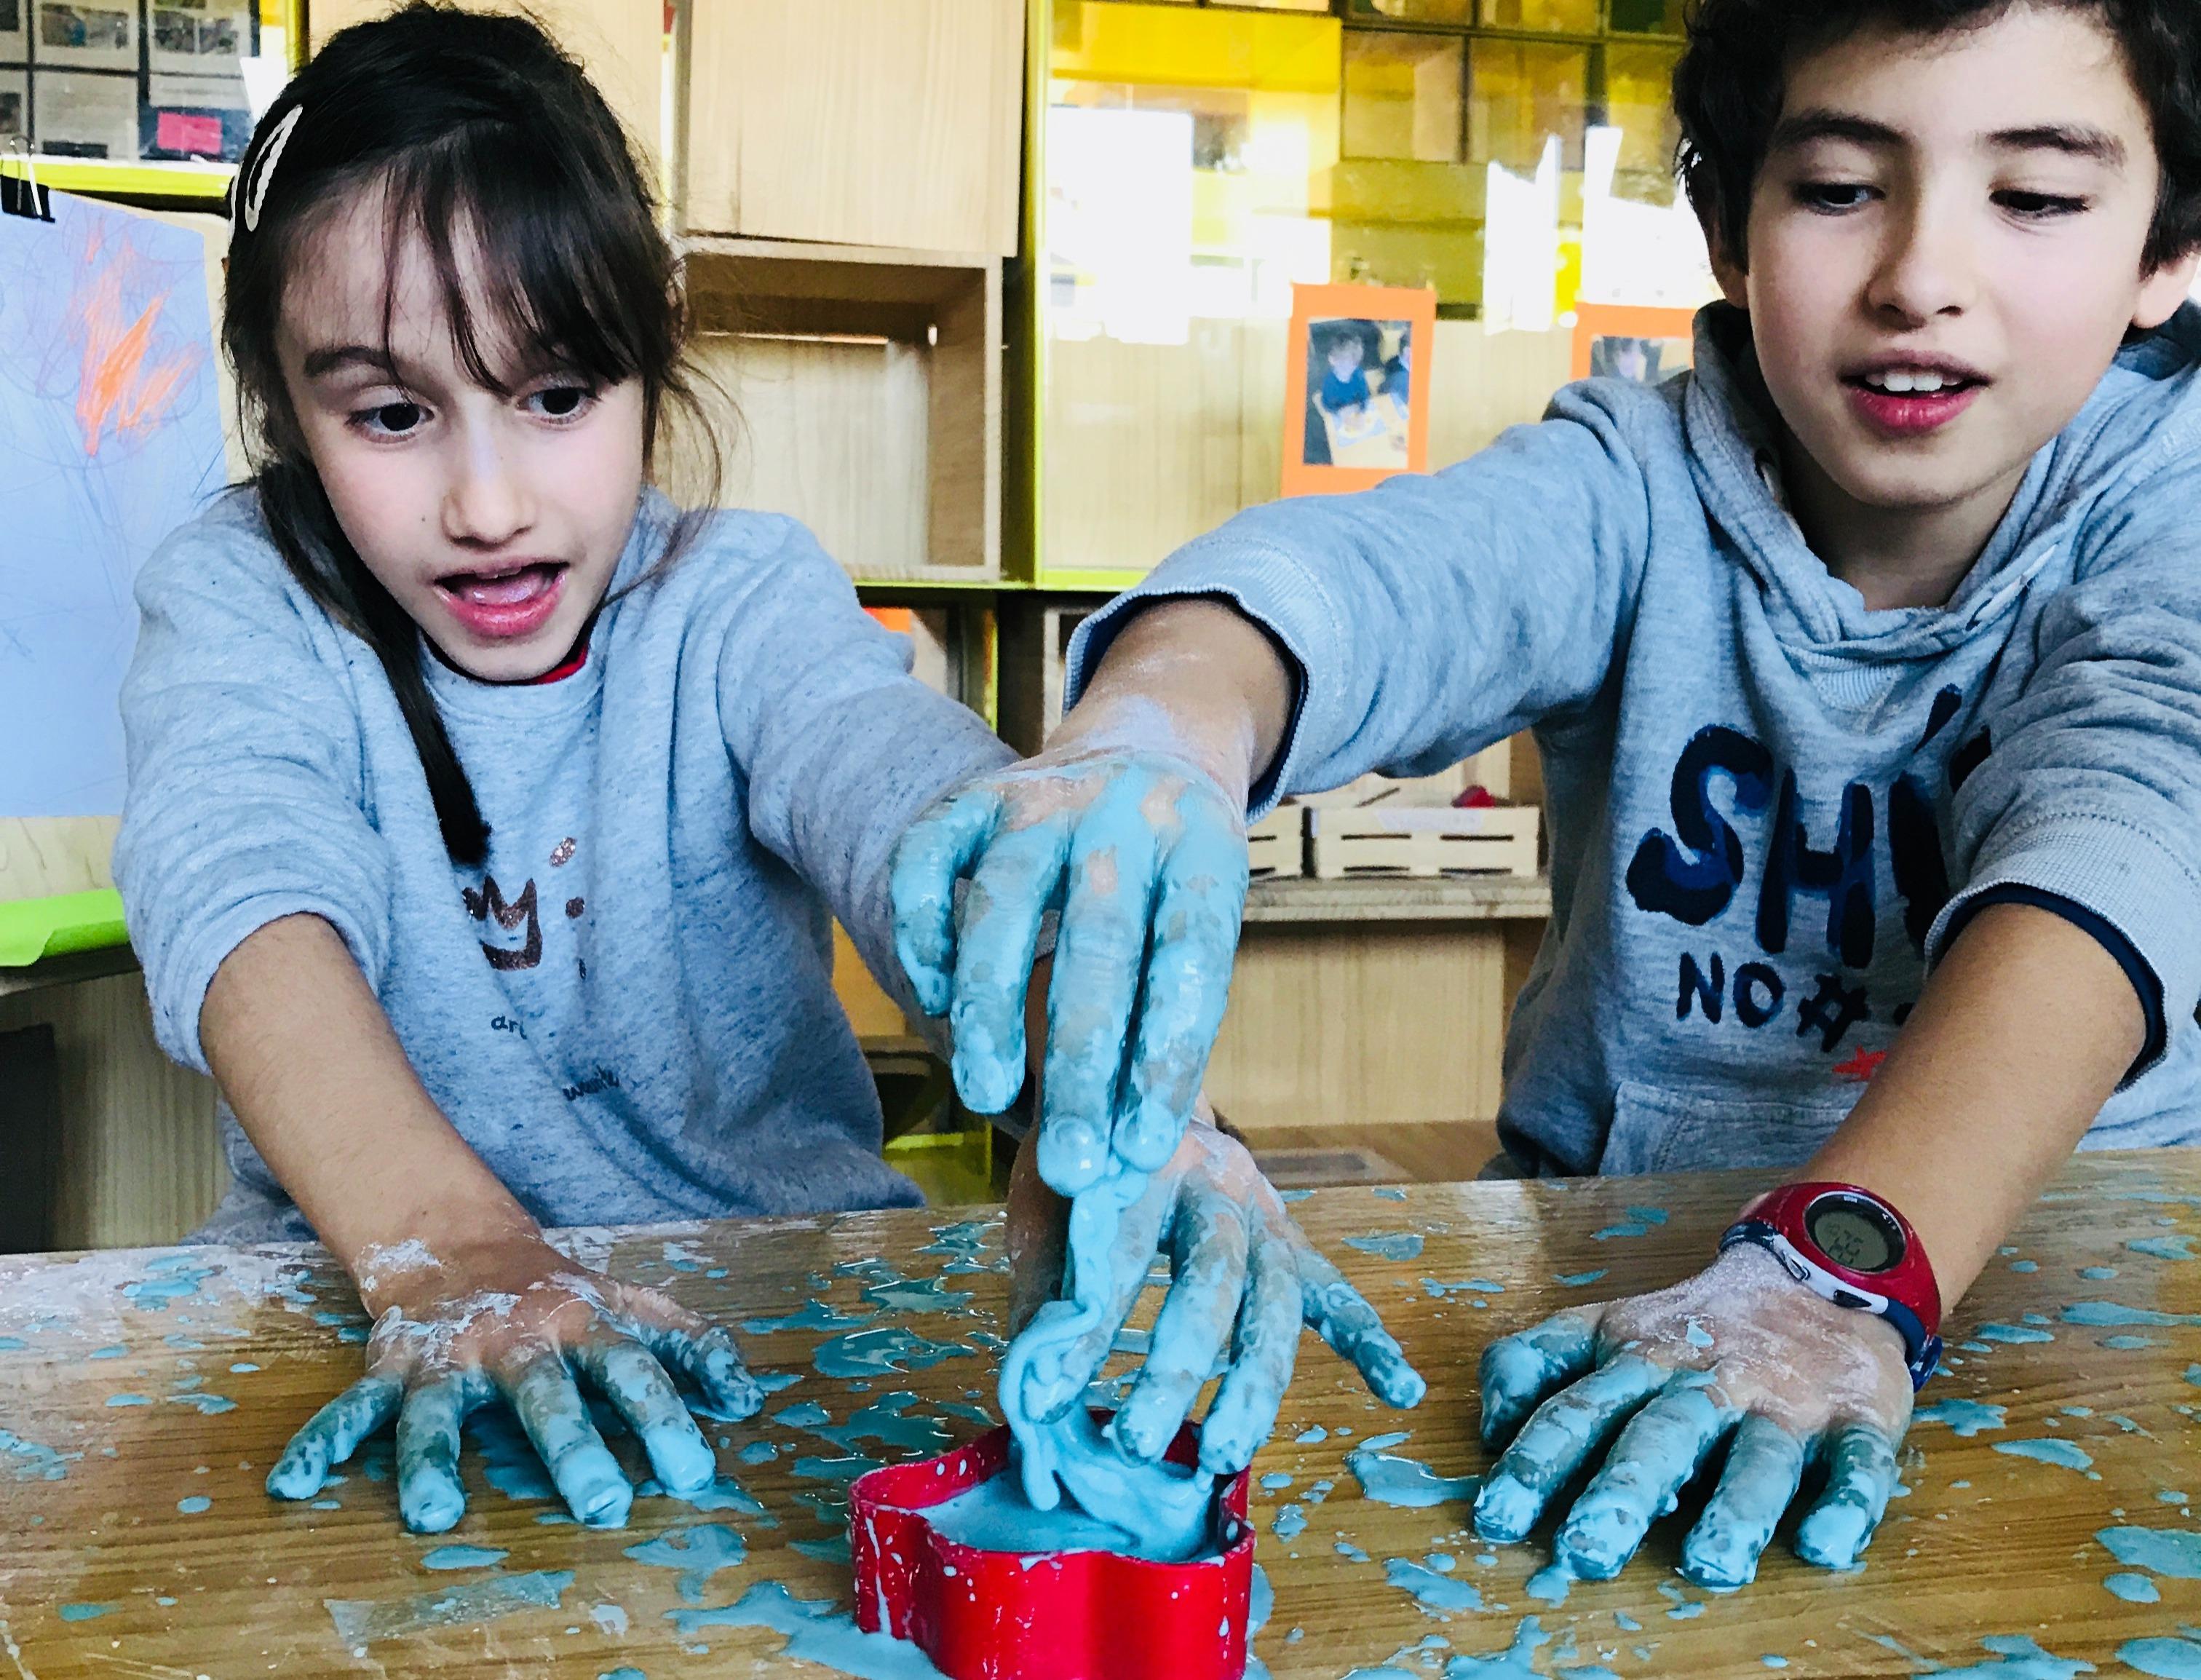 camp oobleck actividad sensorial niños inglés